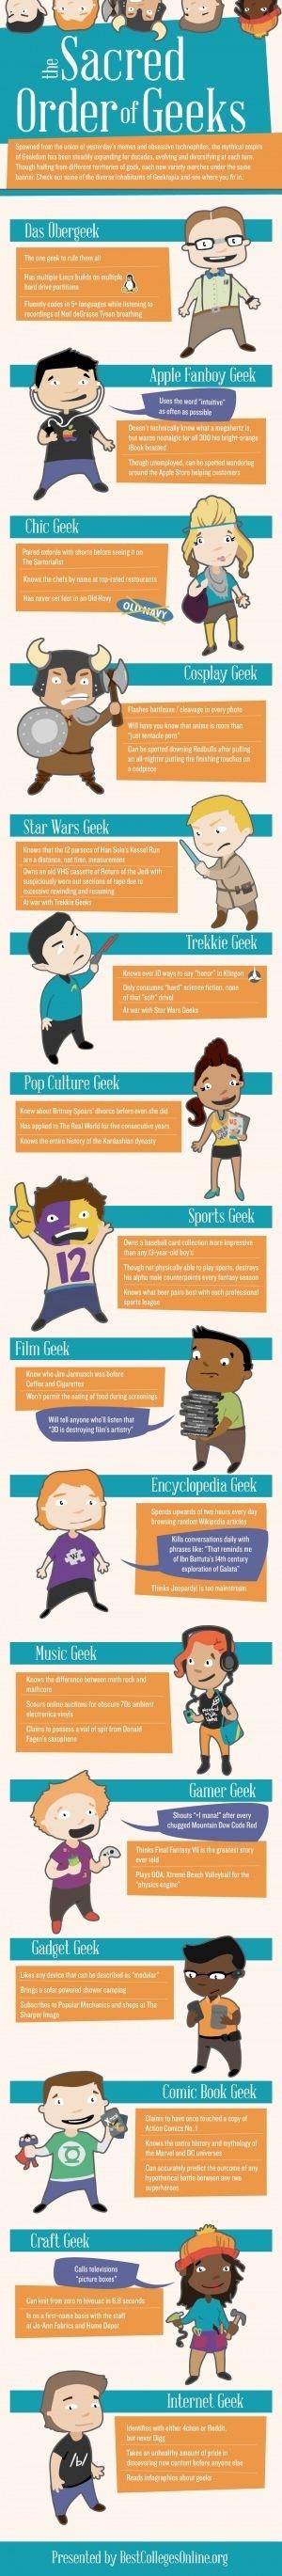 ¿Qué tipo de Geek eres?: El Orden Sagrado de losGeeks | Social Media | Scoop.it